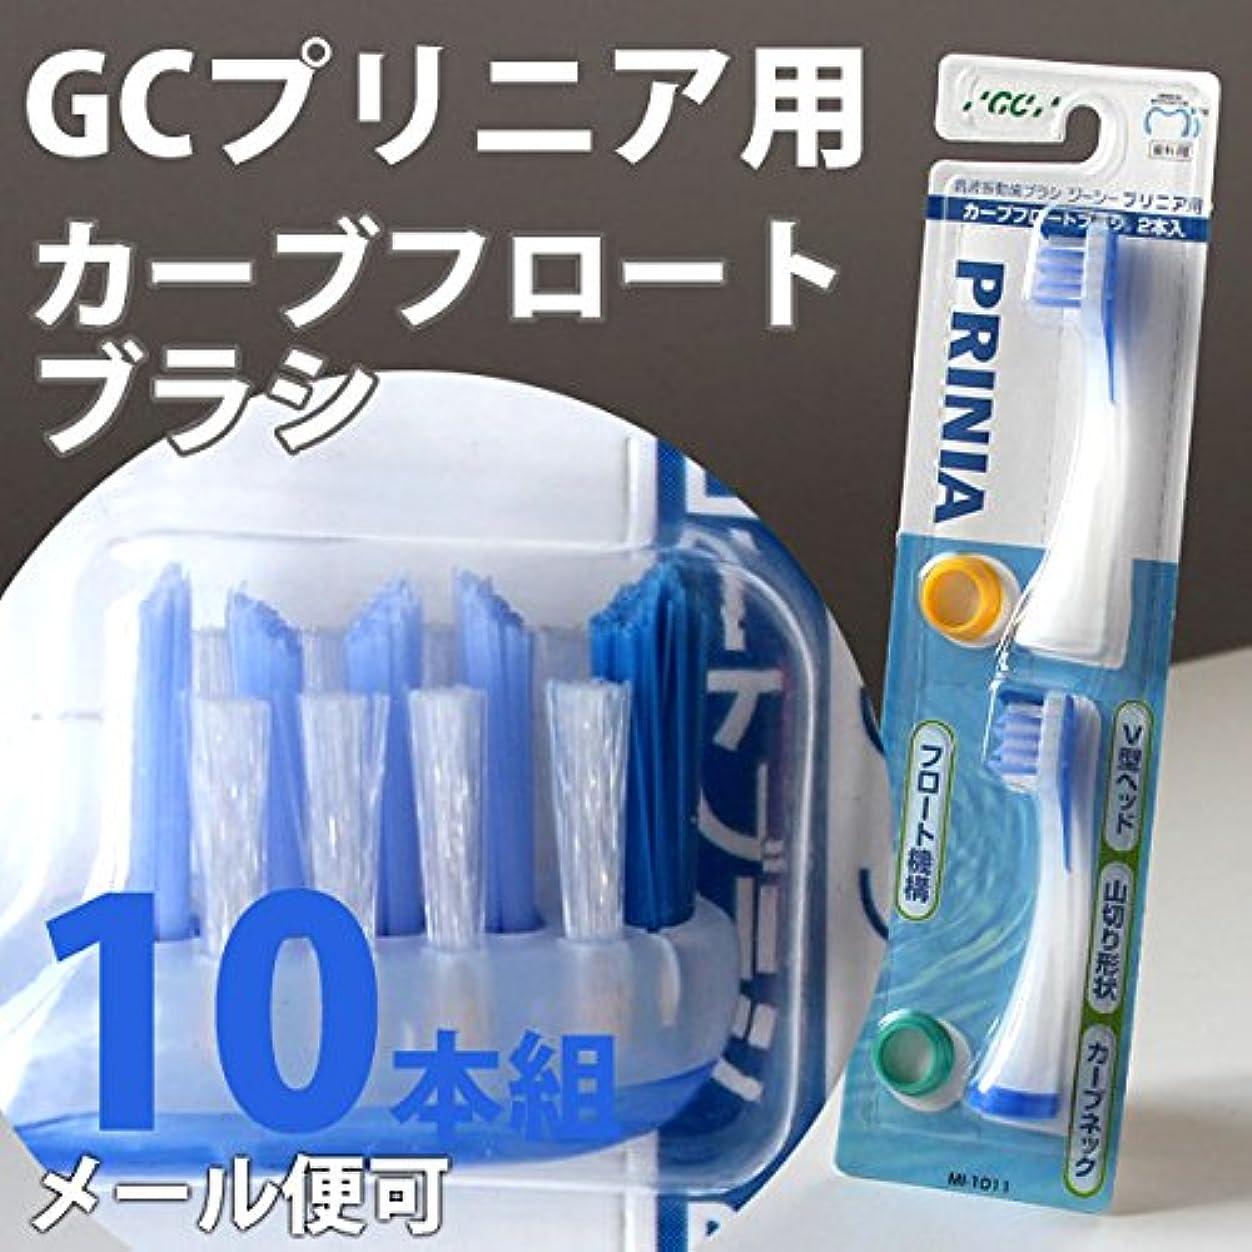 錆びレンジ思い出させるプリニア GC 音波振動 歯ブラシ プリニアスリム替えブラシ カーブフロートブラシ 5セット (10本) ブルー